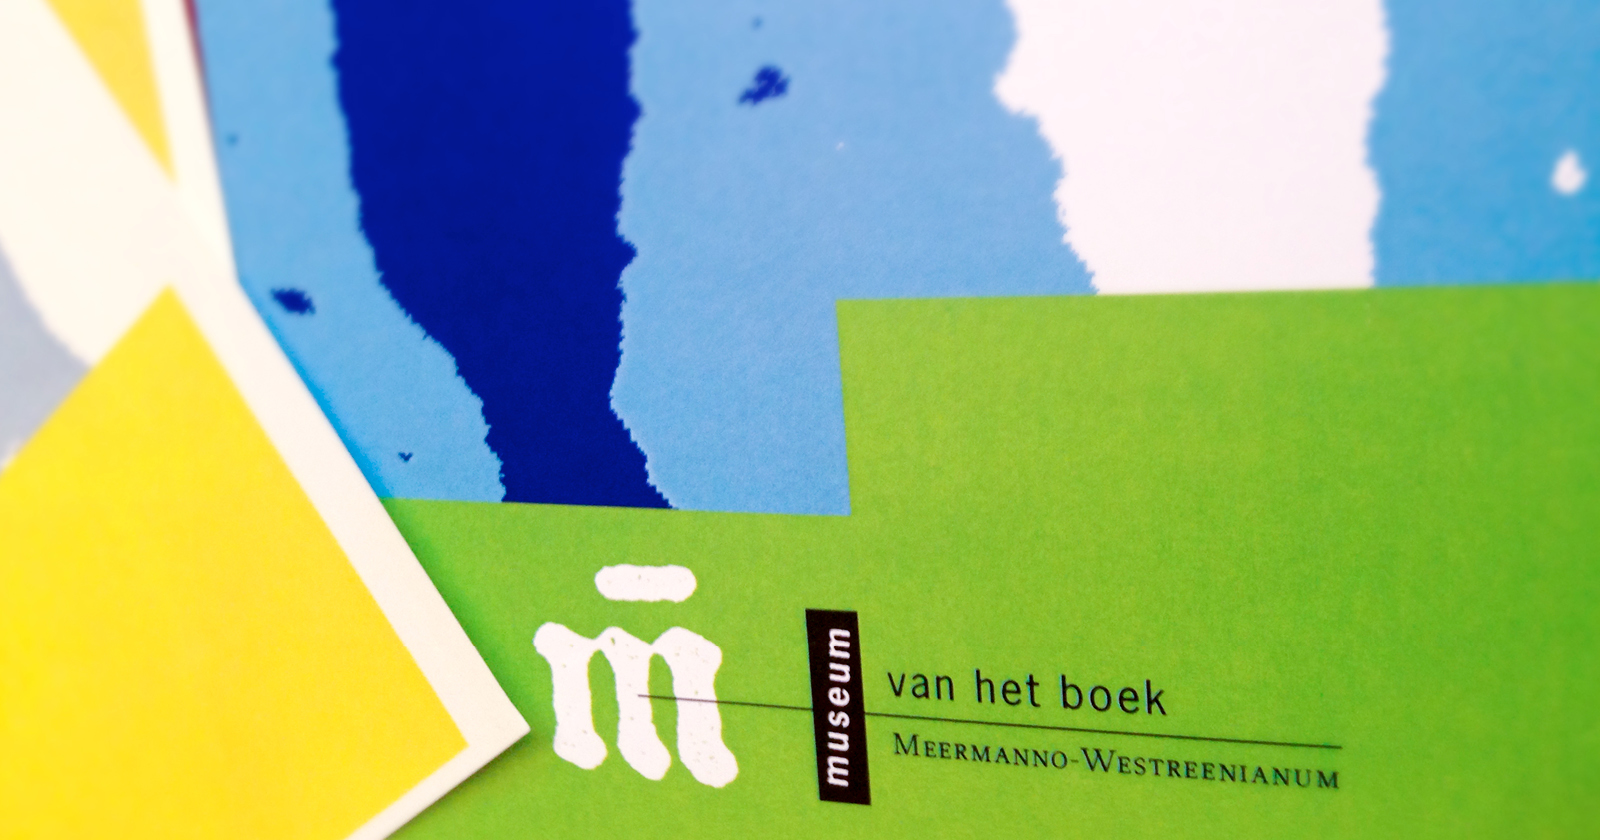 werk-grafisch ontwerp8 Museum Meermanno